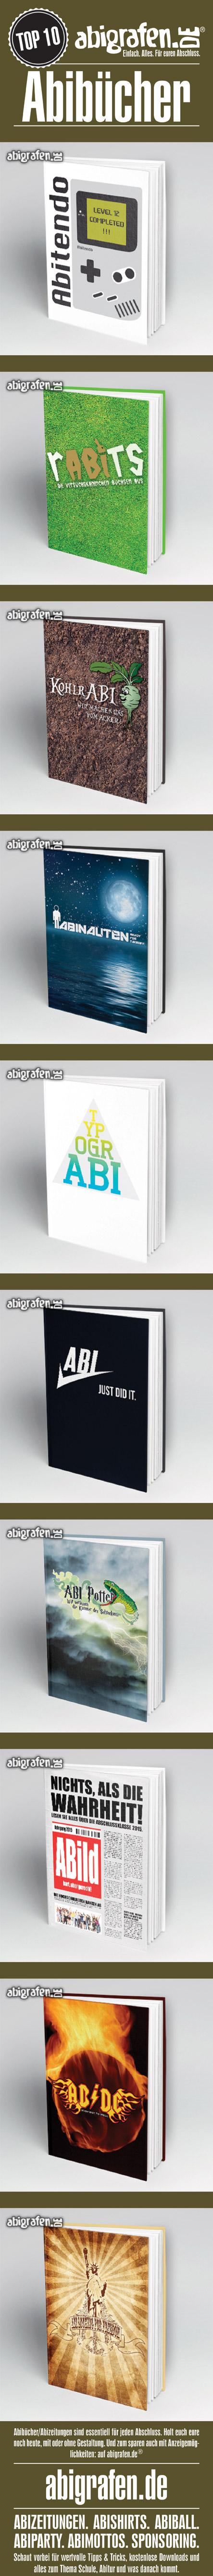 #Abibuch #Abibuecher #Abschlussbuecher #Jahrbuch #Jahrbuecher